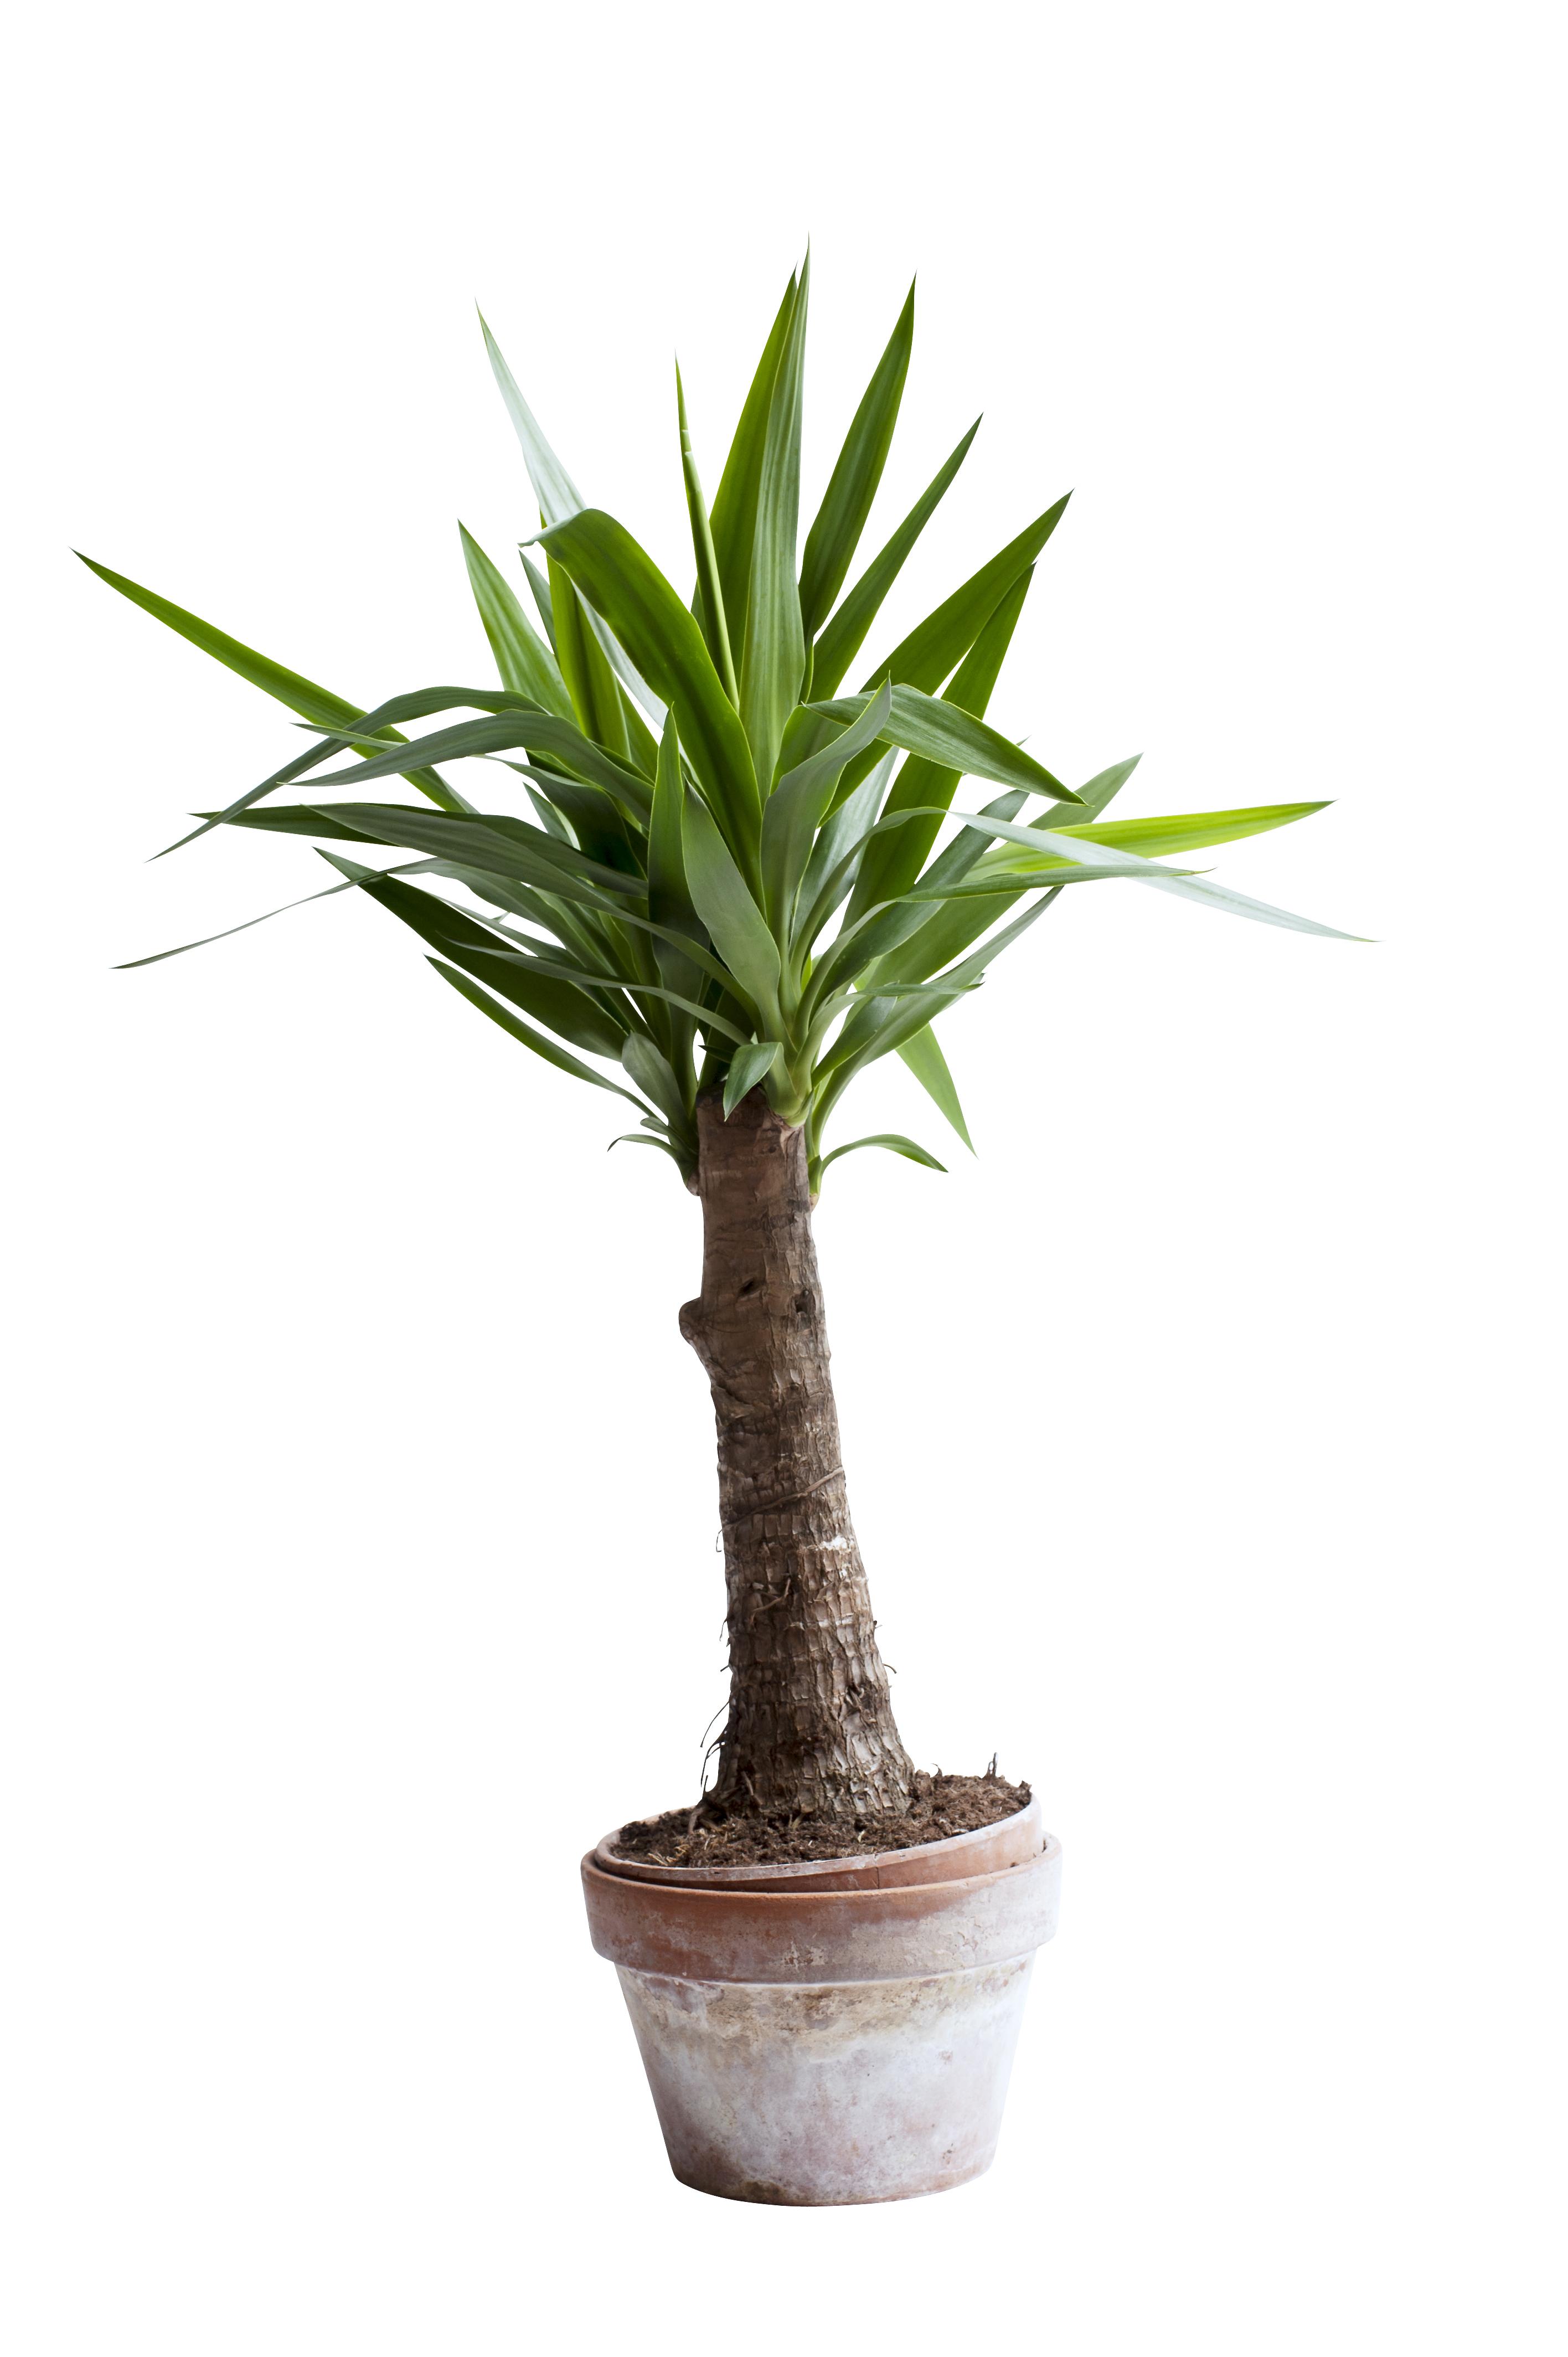 Le yucca a chaque mois sa plante janvier 2015 office des fleurs - Yucca pied d elephant ...